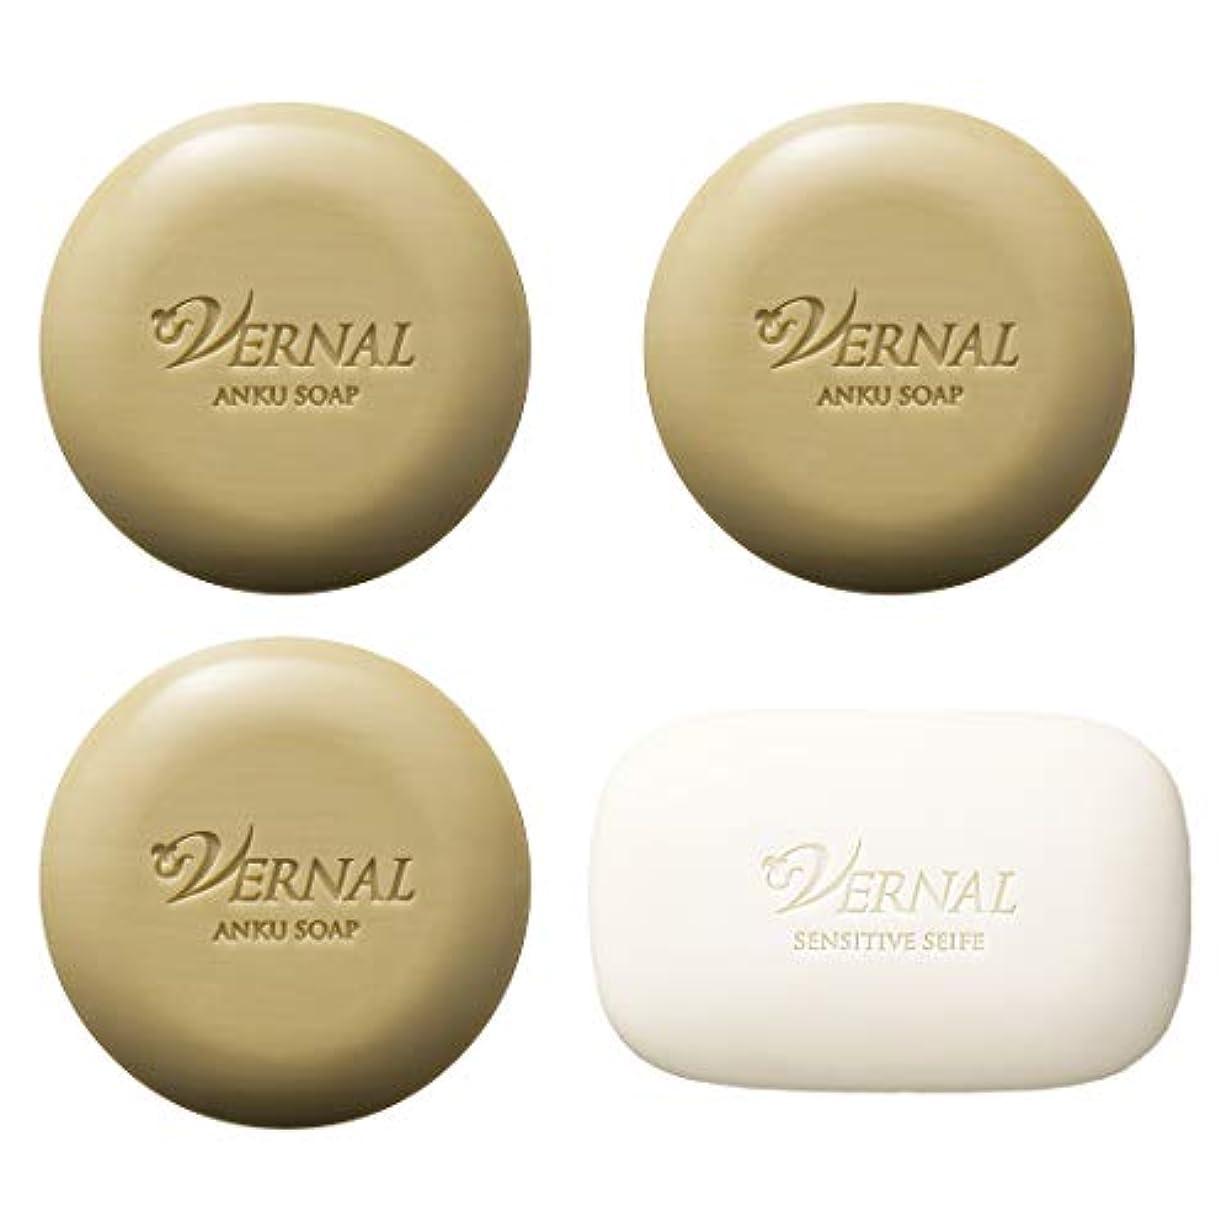 潤滑する粉砕するホステスアンク3個ザイフ1個(ベーシックソープ各110g)/ ヴァーナル 洗顔石鹸 お得価格